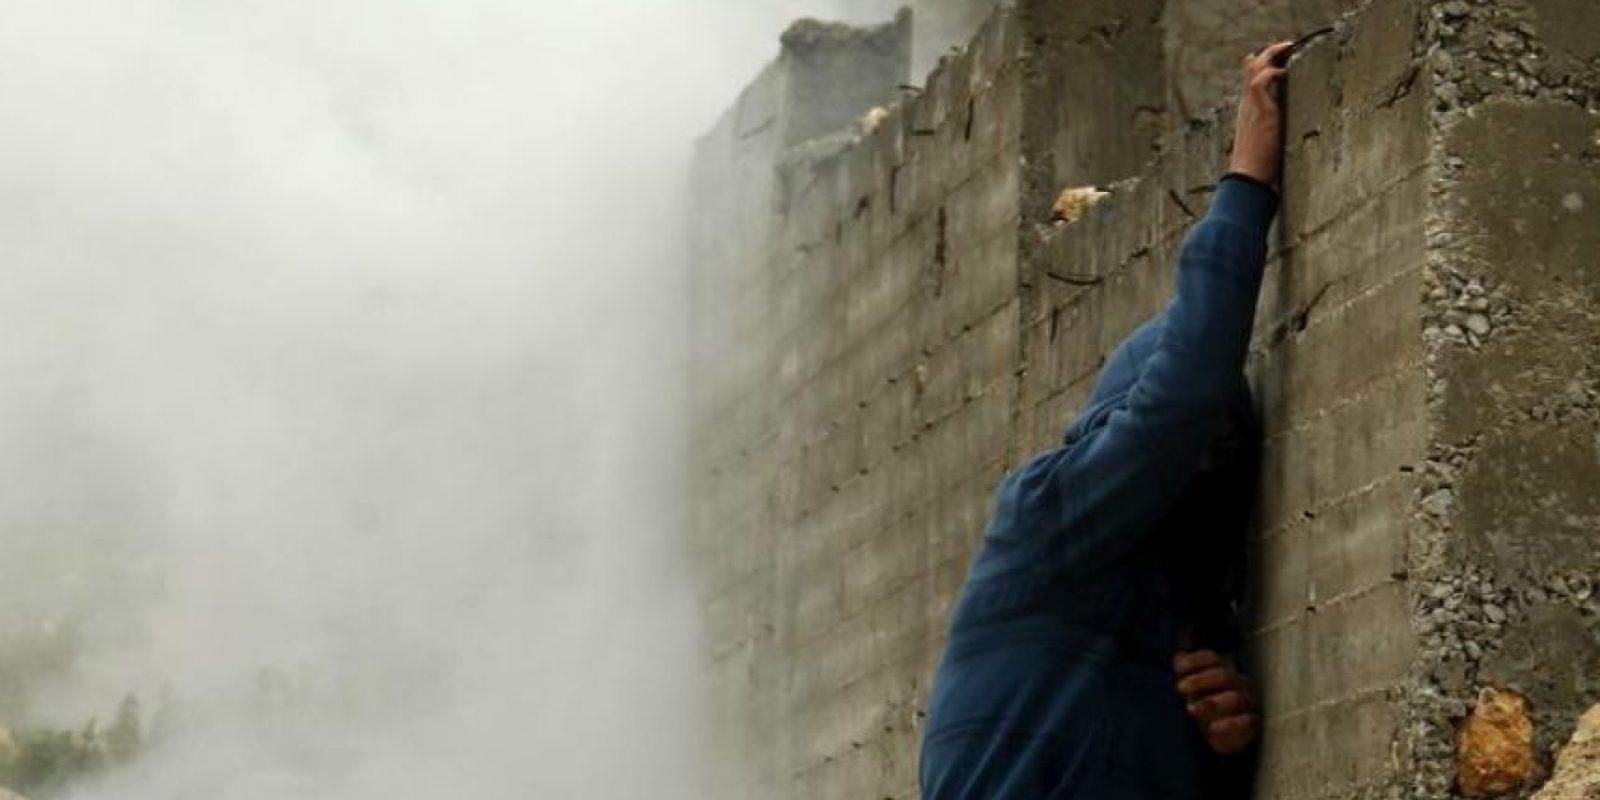 Un joven palestino se pone a cubierto junto a un muro de los botes de gases lacrimógenos lanzados por el ejército israelí durante los enfrentamientos registrados entre palestinos y soldados israelíes en el asentamiento judío de Kedumim, cerca de la localidad cisjordana de Nablus. EFE